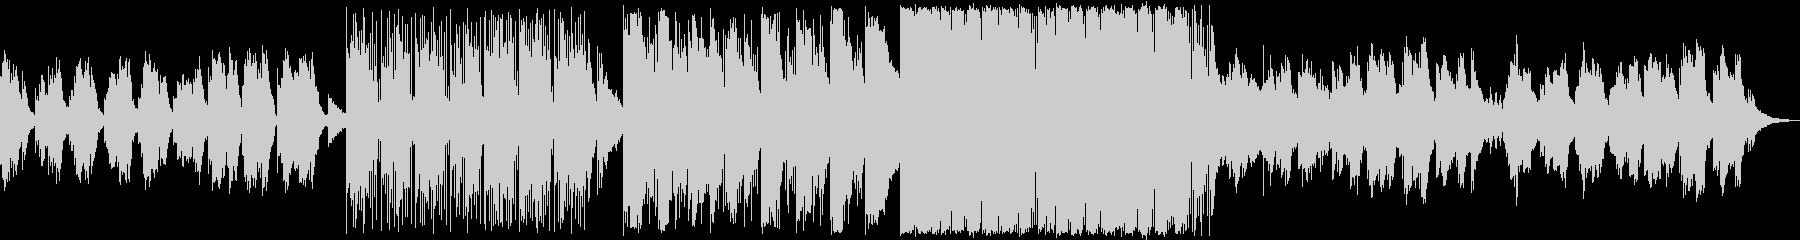 打楽器の絶妙なピアノオスチナートの未再生の波形